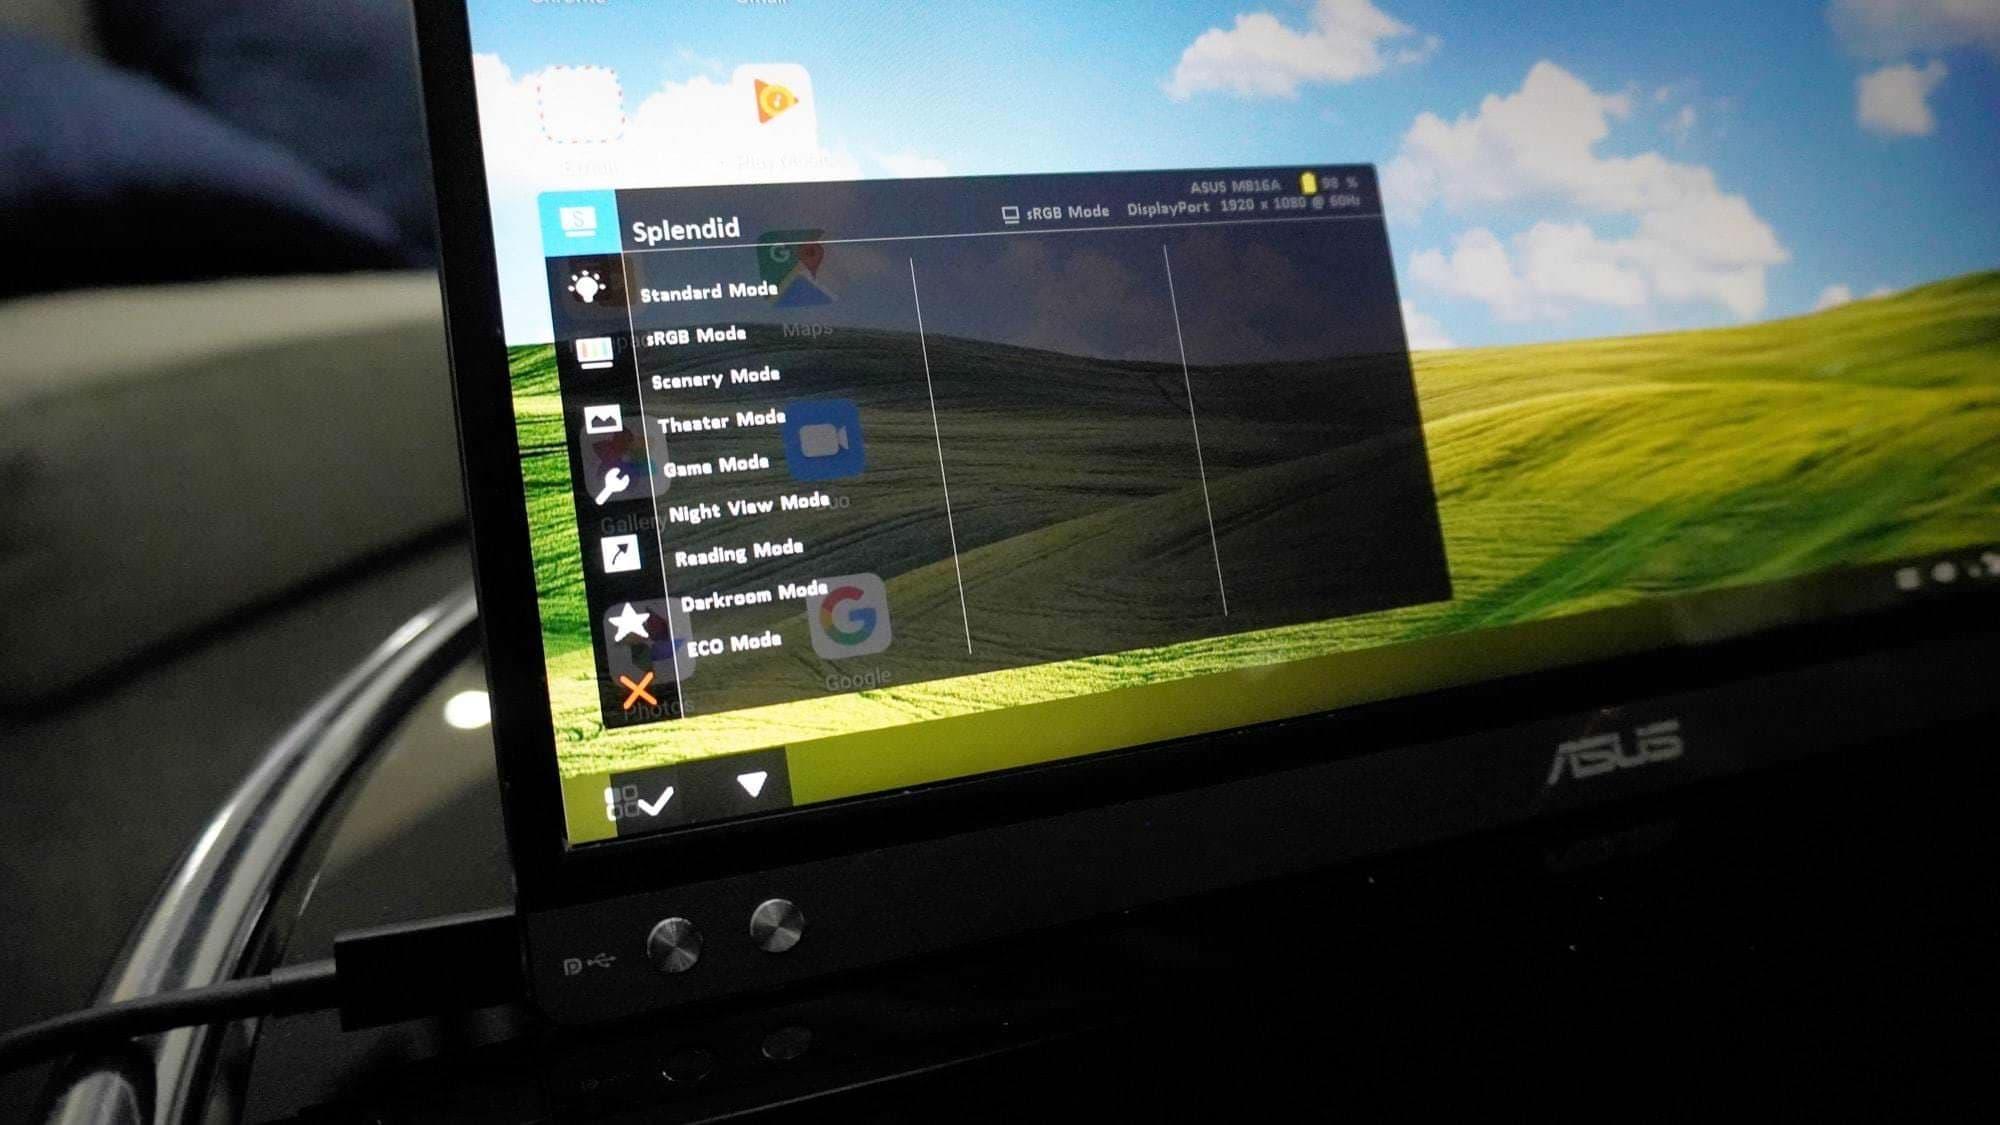 รีวิว ASUS ZenScreen Go หน้าจอพกพาขนาด 15 นิ้ว 3